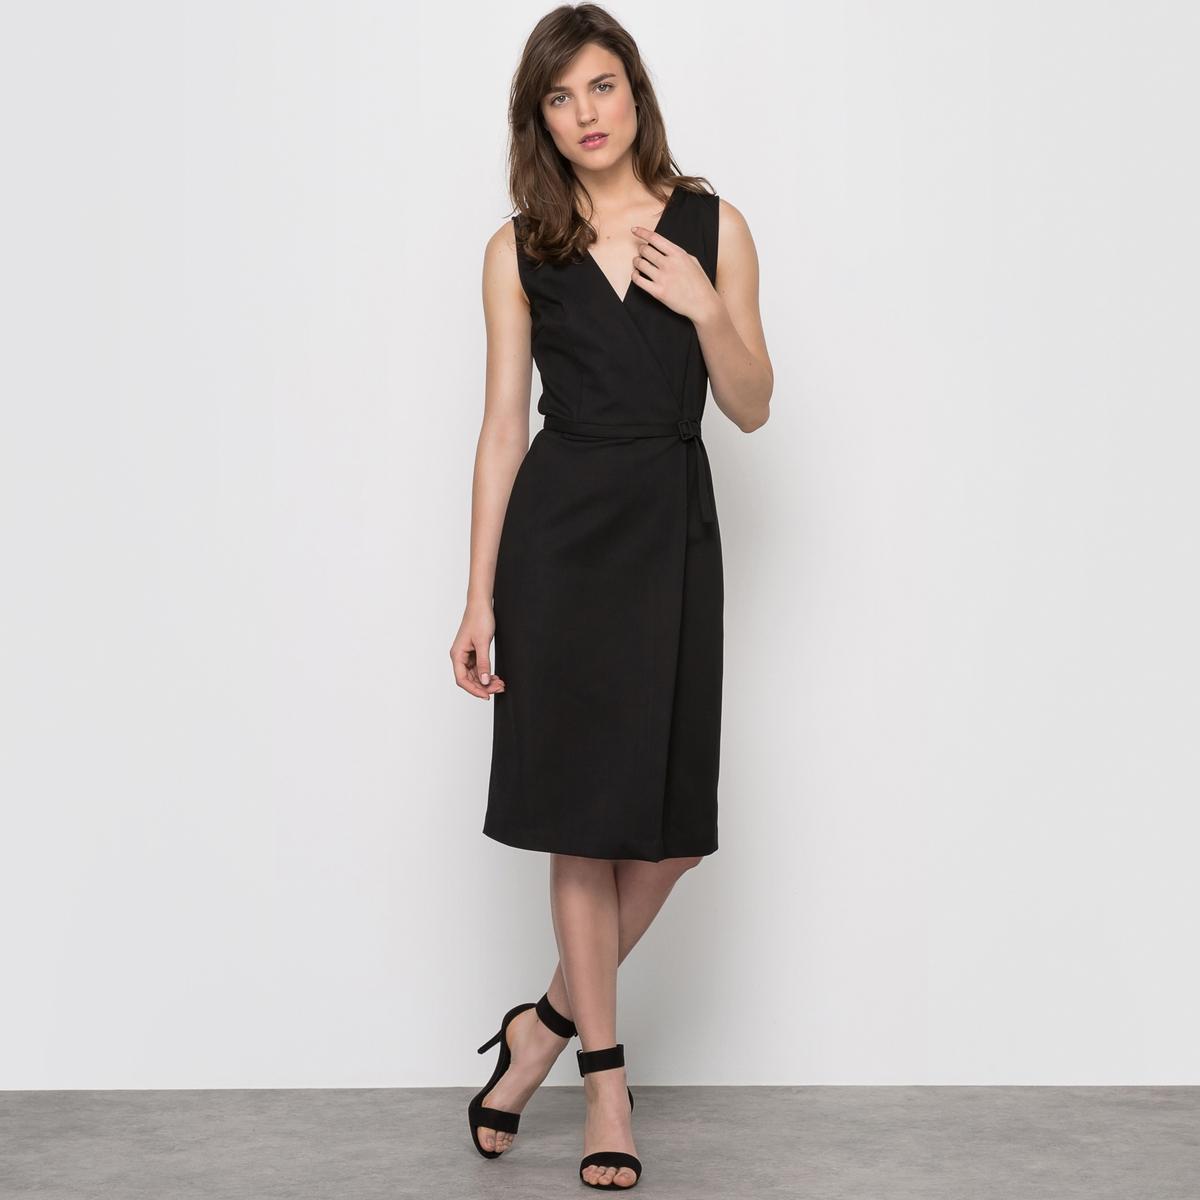 Платье с запахом без рукавовПлатье зауженного покроя, верх с запахом. V-образный вырез. Юбка под юбку-портфель. Однотонный пояс со шлевками из того же материала. Шлица сзади посередине. Застежка на скрытую молнию сзади. 51% хлопка, 45% полиэстера, 4% эластана. Длина 102 см.<br><br>Цвет: черный